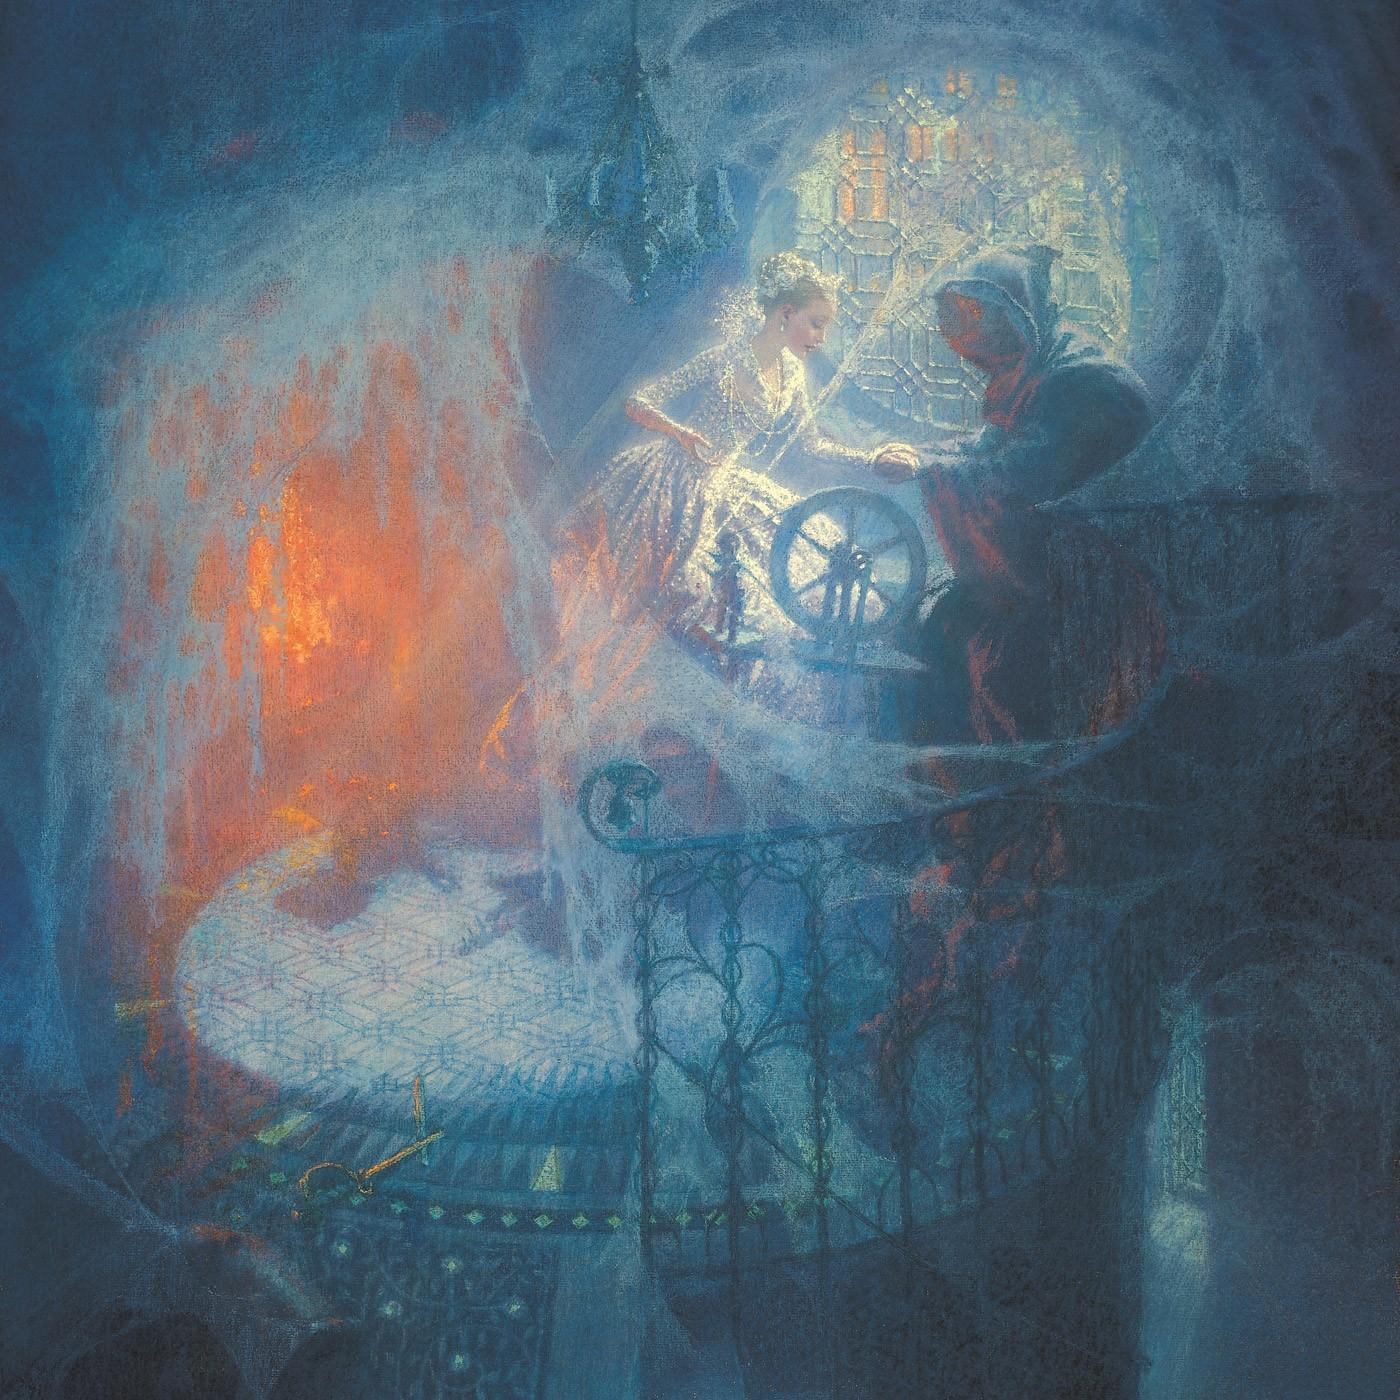 «Спящая красавица». Иллюстратор: Кристиан Бирмингем